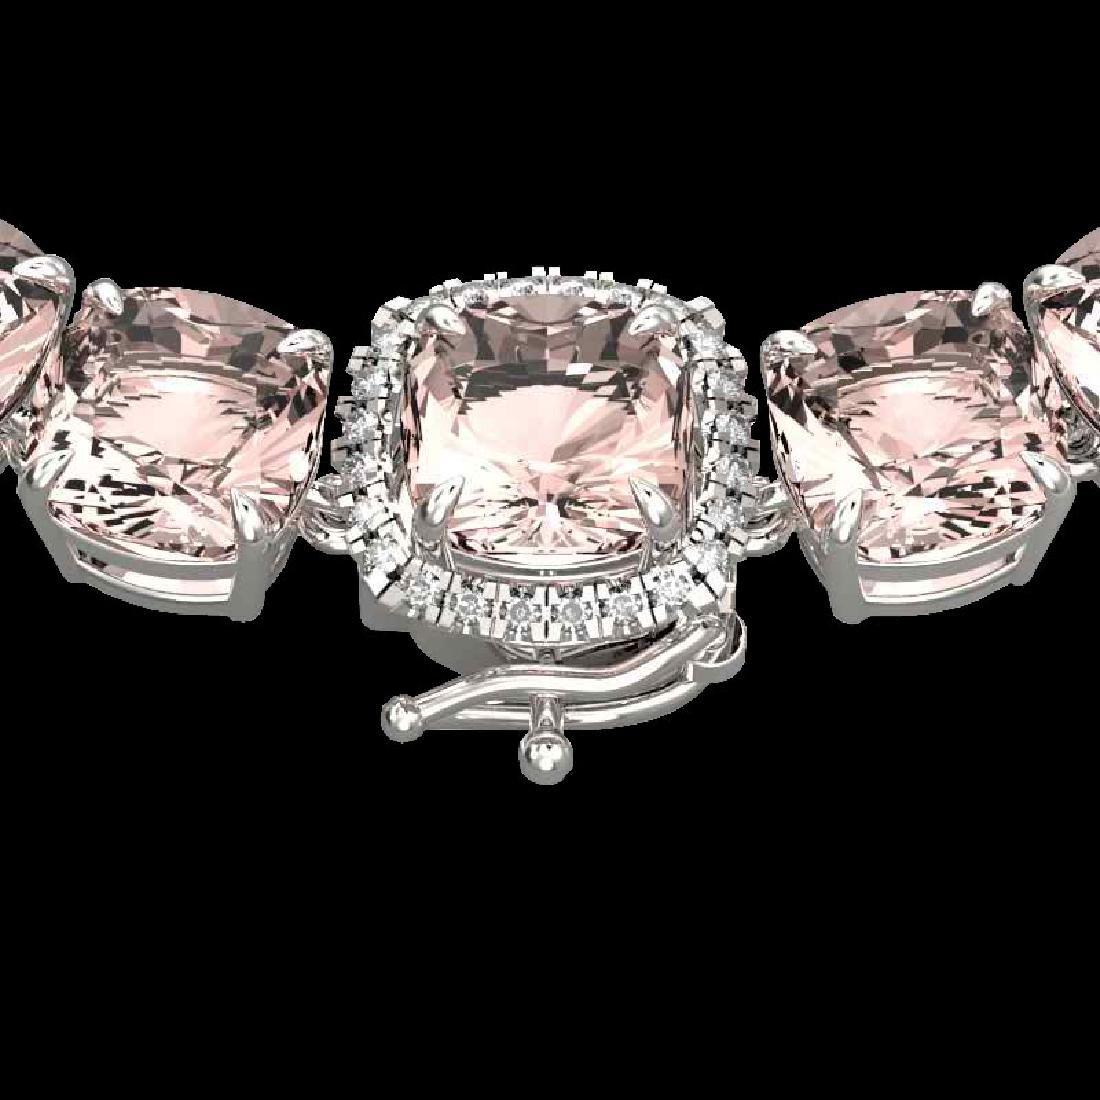 87 CTW Morganite & VS/SI Diamond Halo Micro Necklace